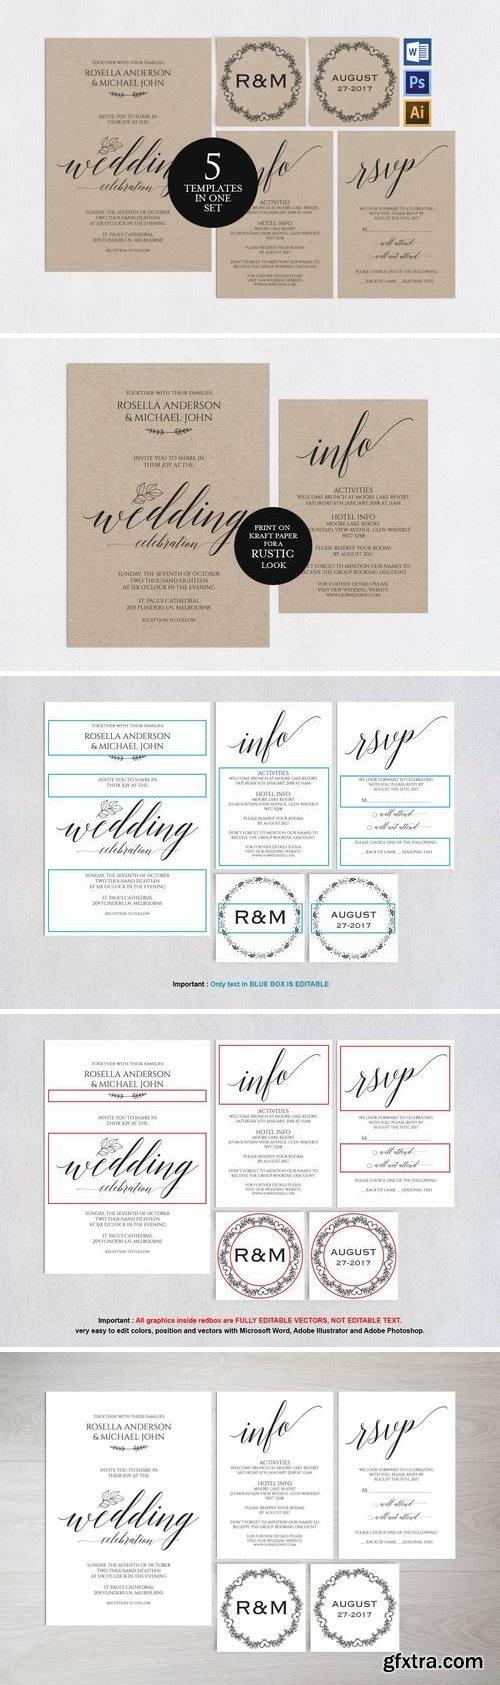 Wedding invitation set portrait v5